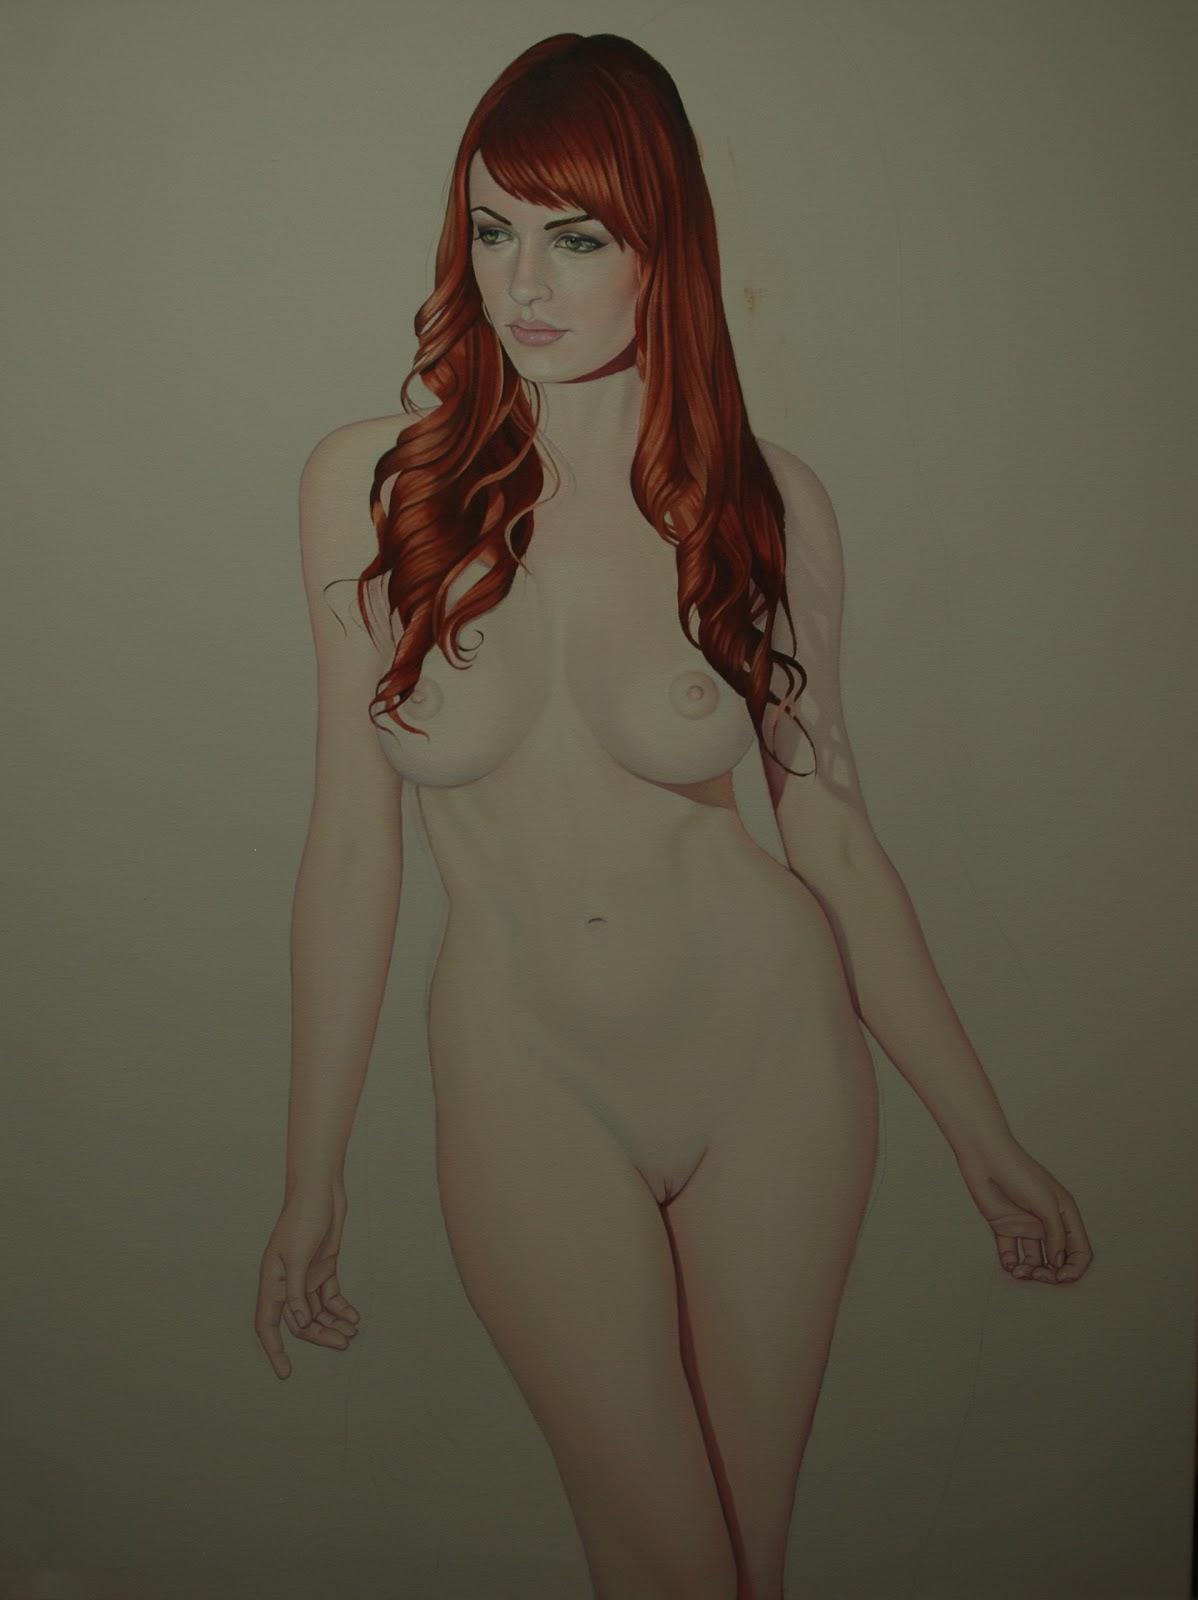 http://1.bp.blogspot.com/-cSe31Lr82Ww/T_71HD0SQpI/AAAAAAAABBA/M0xrATSQ9eg/s1600/Harmony+7+oc+008a.jpg